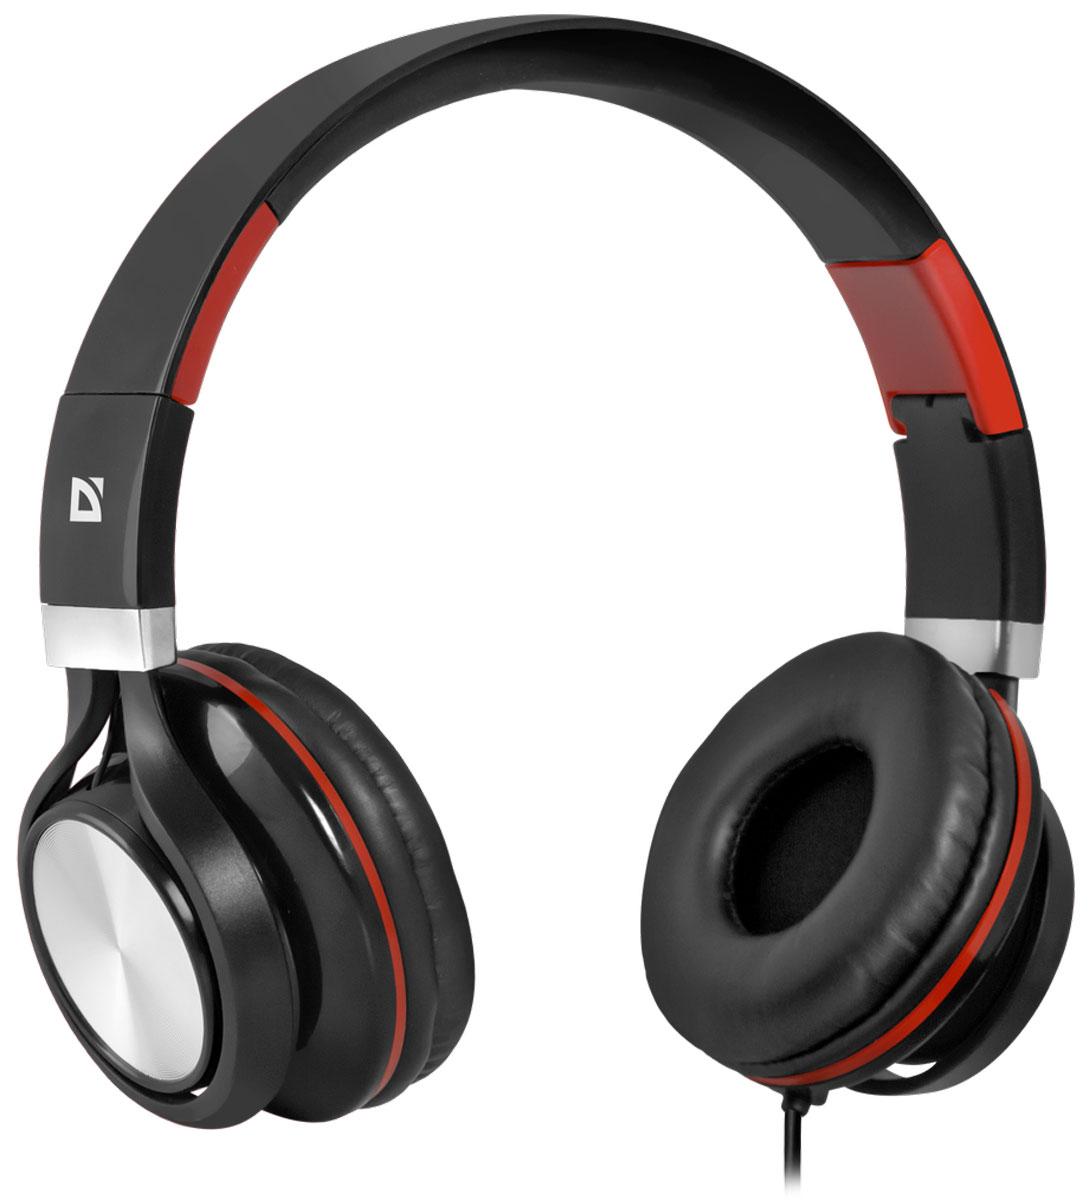 Defender Accord 175, Black Red гарнитура63175Гарнитура Defender Accord 175 предназначена для смартфонов, планшетных компьютеров, ноутбуков нового поколения, использующих комбинированный четырехпиновый разъем для наушников и микрофона. Микрофон и кнопка ответа на вызов находятся на кабеле. Комфортные амбушюры. Благодаря хорошей звукоизоляциислушайте любимую музыку и аудиокниги в дороге - ничто не будет вам мешать. С помощью адаптера для ПК, входящего в комплект, гарнитуру можно подключить к устаревшим ноутбукам и компьютерам с двумя отдельными разъемами для наушников и микрофона.Импеданс микрофона: 2.2 кОмЧувствительность микрофона: 58 дБЧастотный диапазон микрофона: 20-16000 Гц